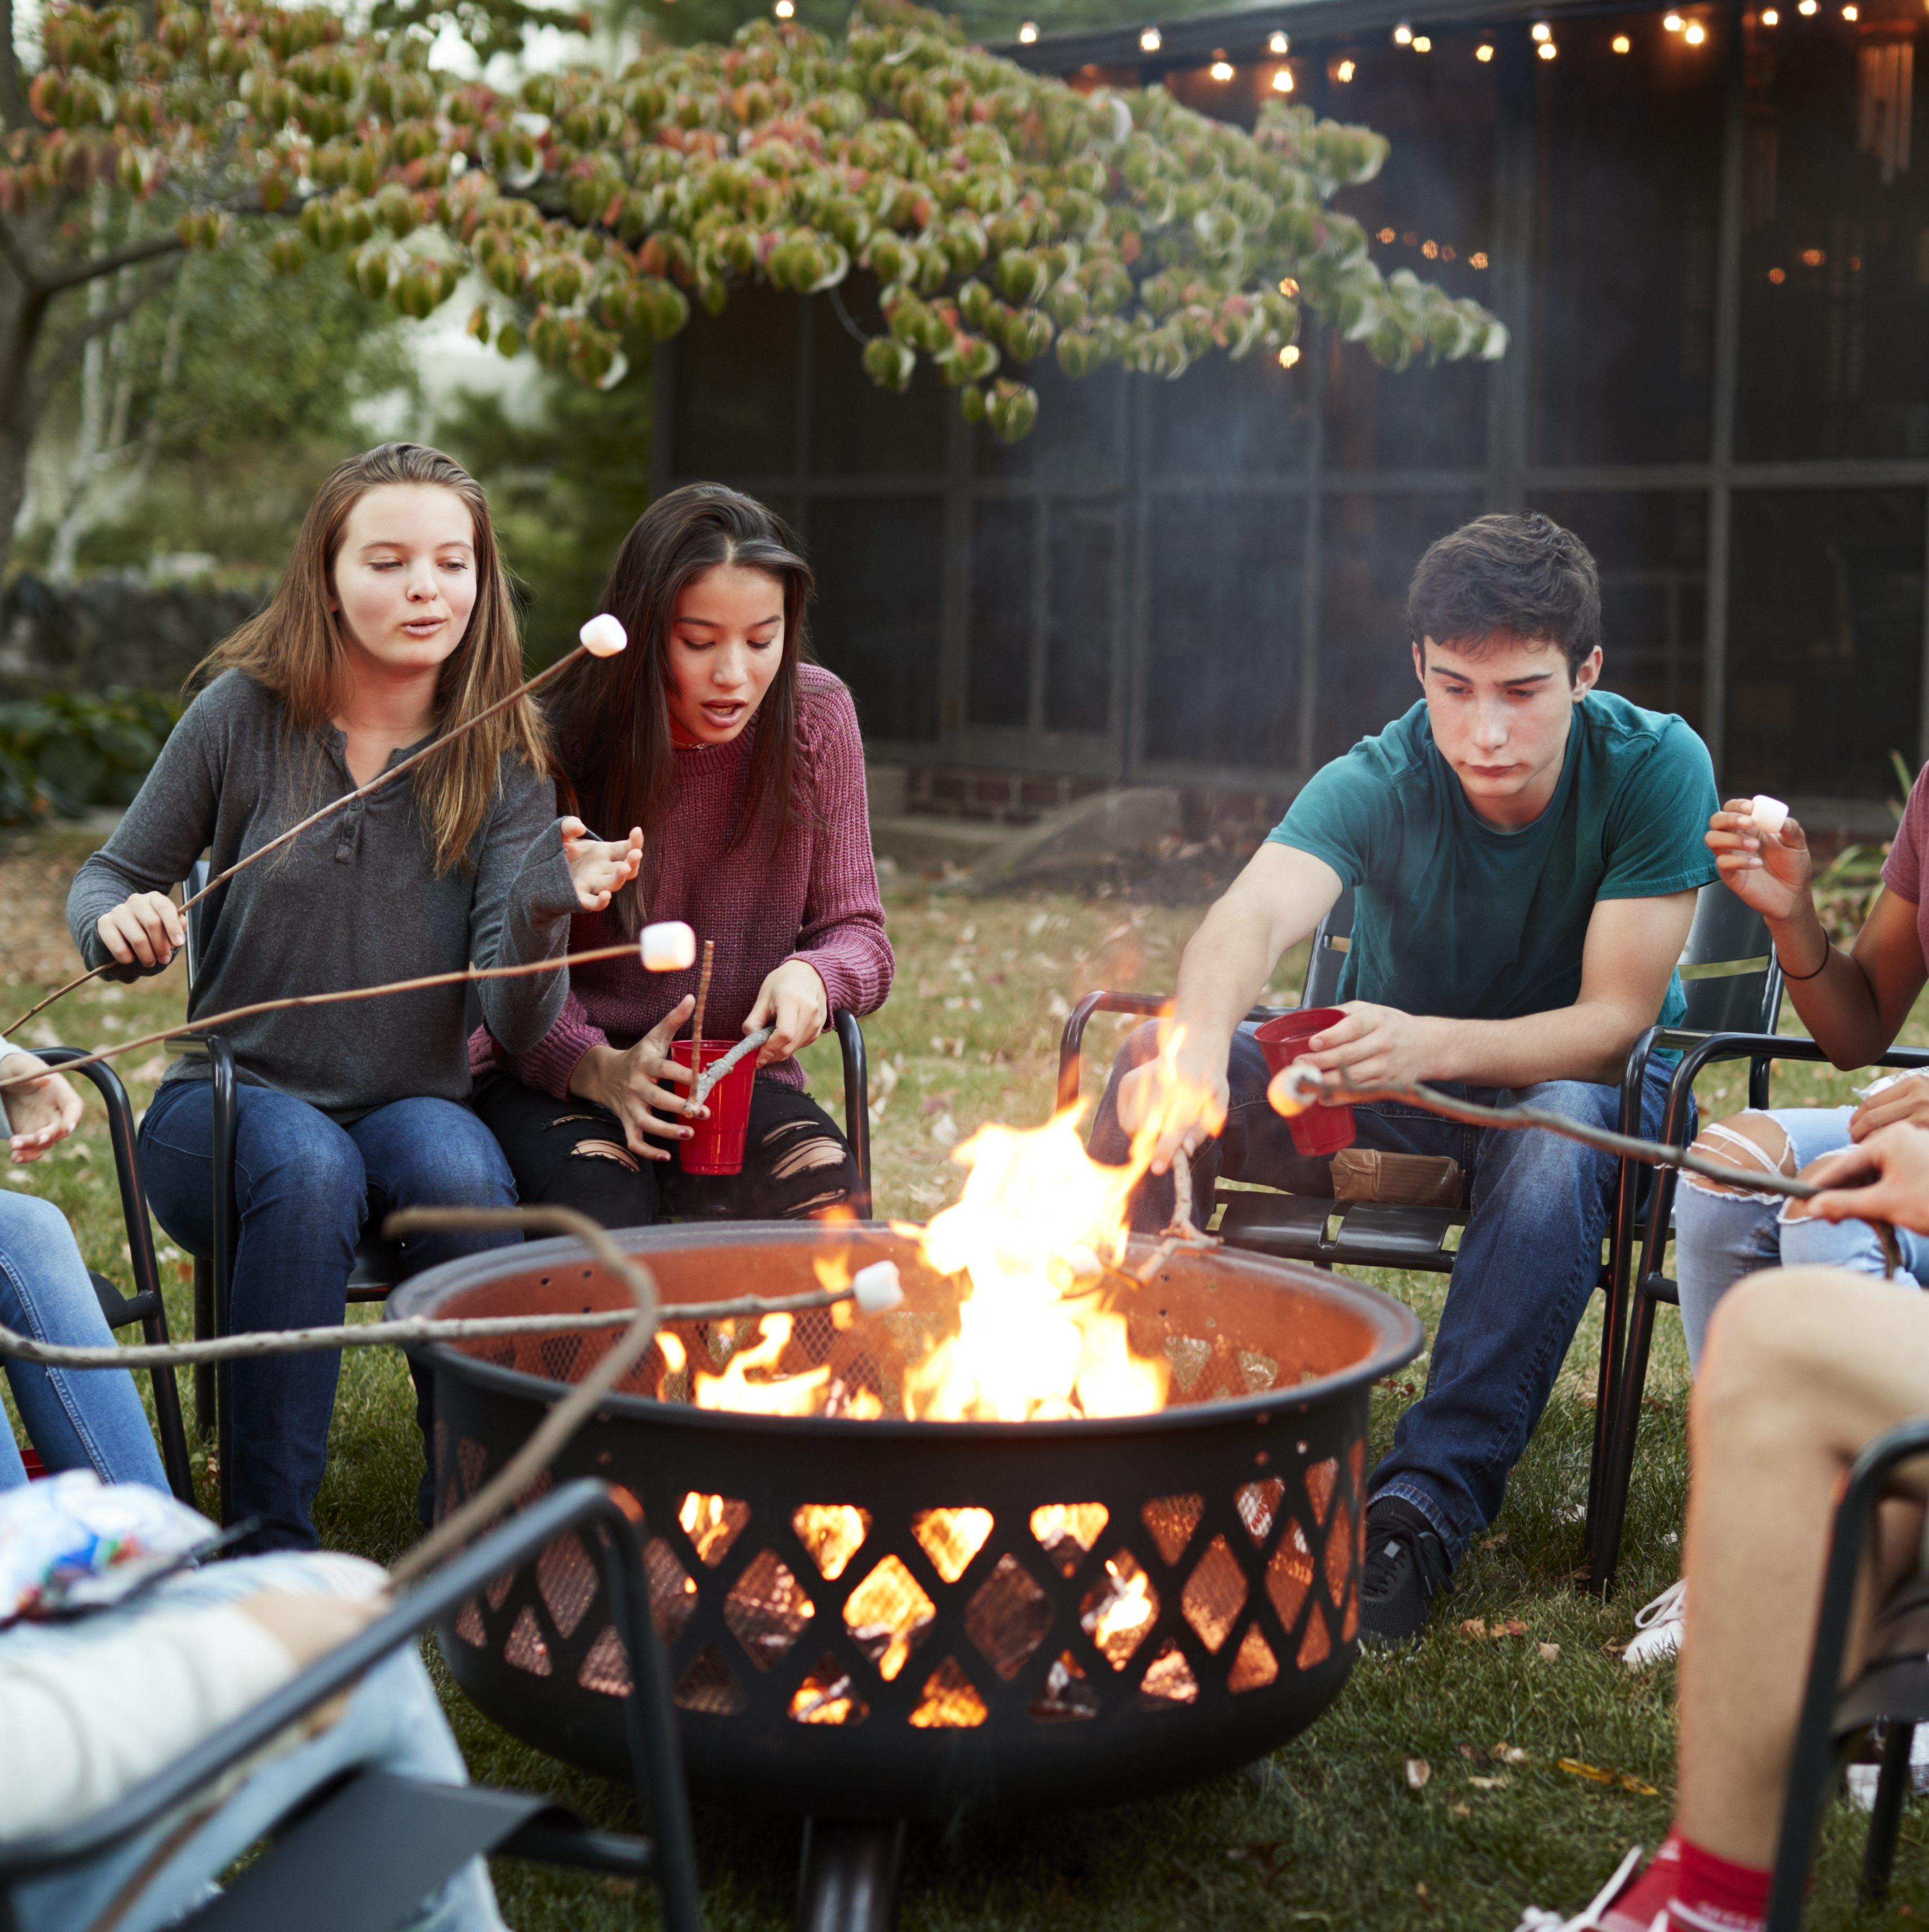 teens roasting marshmallows